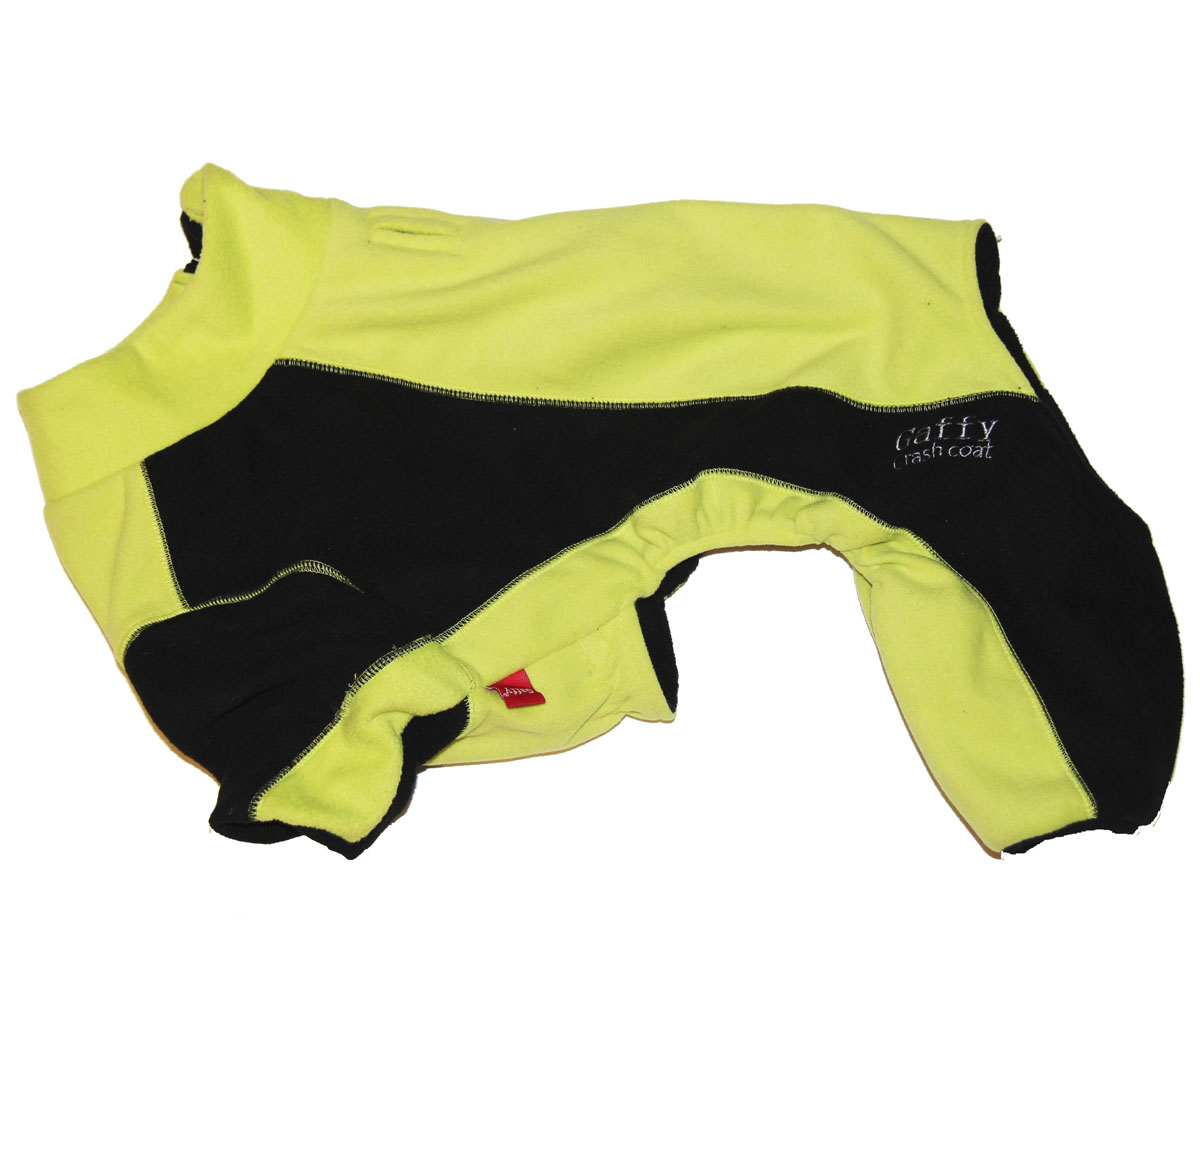 """Комбинезон для собак """"Gaffy Pet"""", унисекс, цвет: салатовый, черный. Размер XL"""